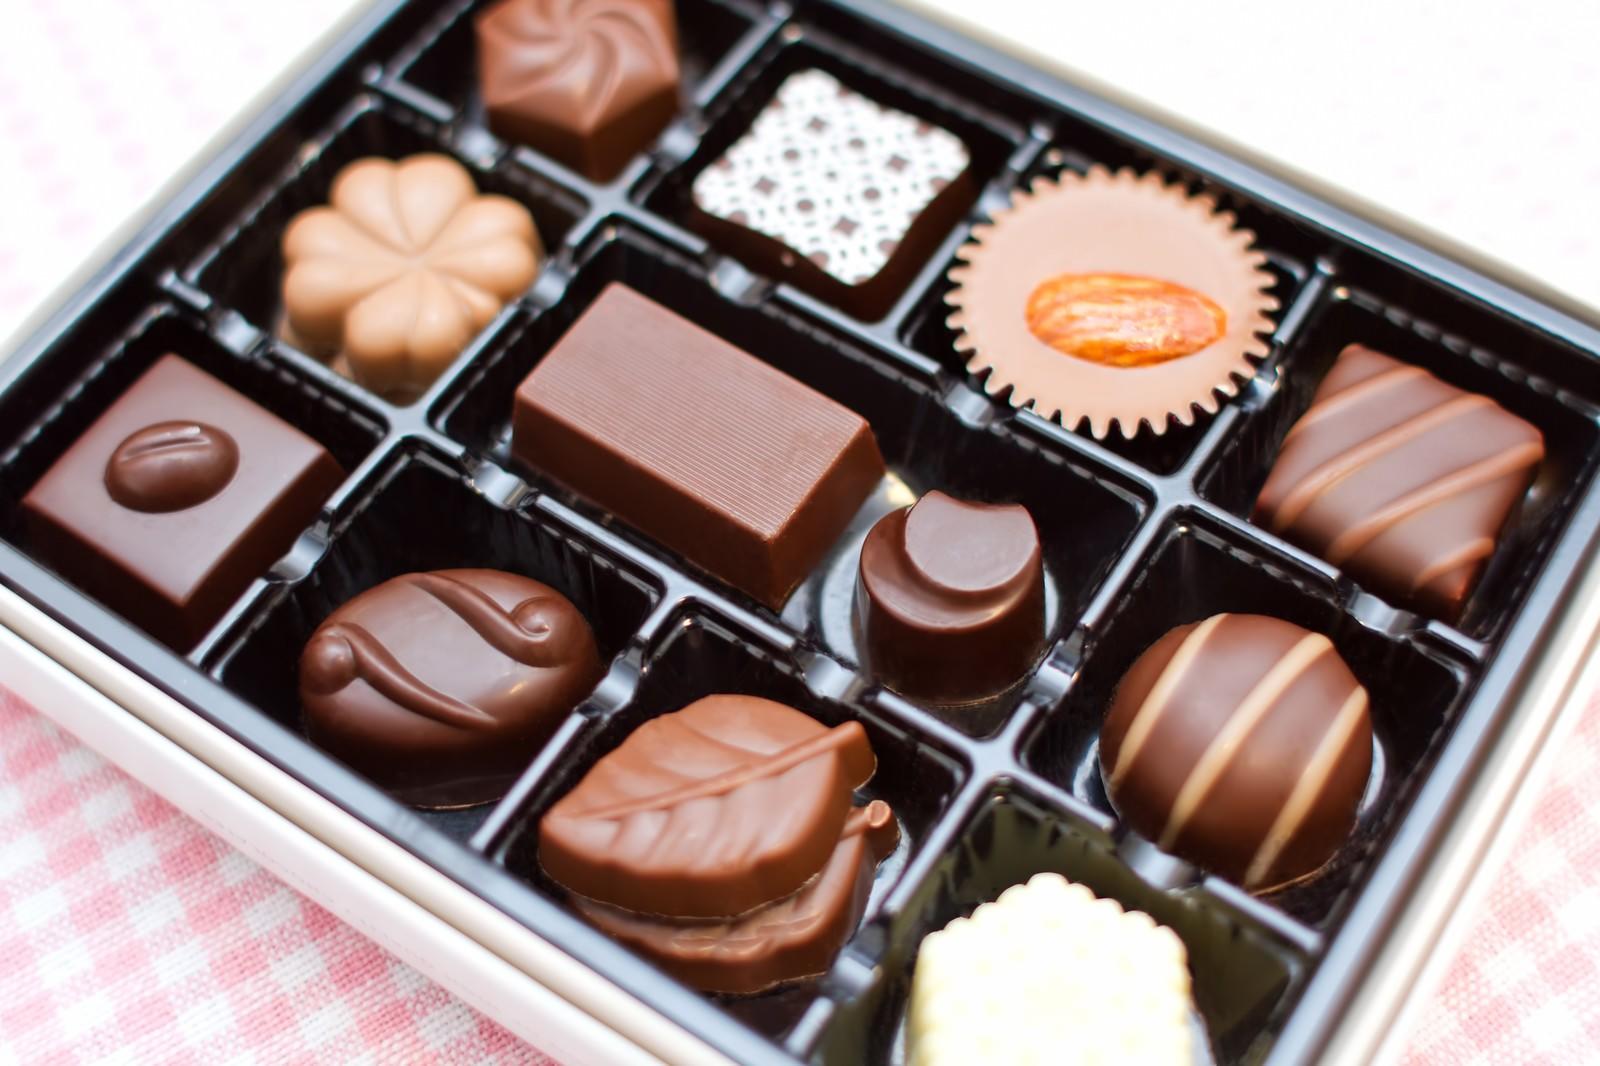 「チョコレート詰め合わせ | 写真の無料素材・フリー素材 - ぱくたそ」の写真